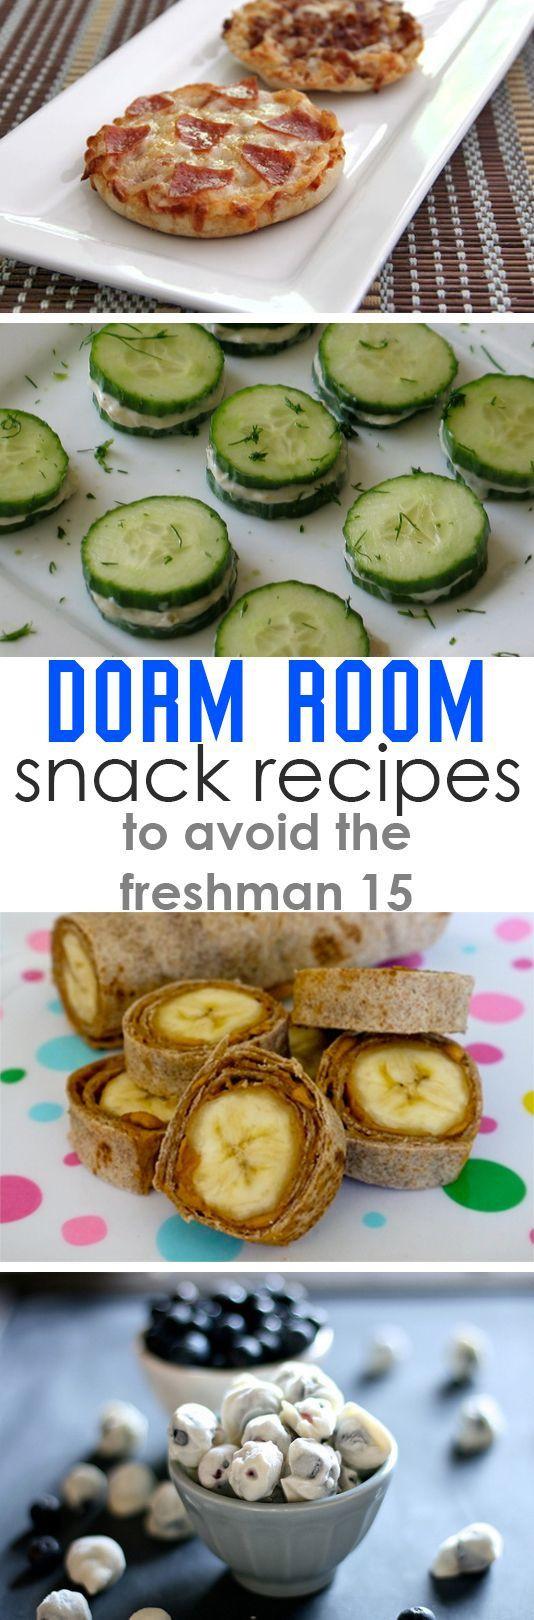 Healthy Dorm Room Snacks  Healthy Dorm Room Snack Recipes